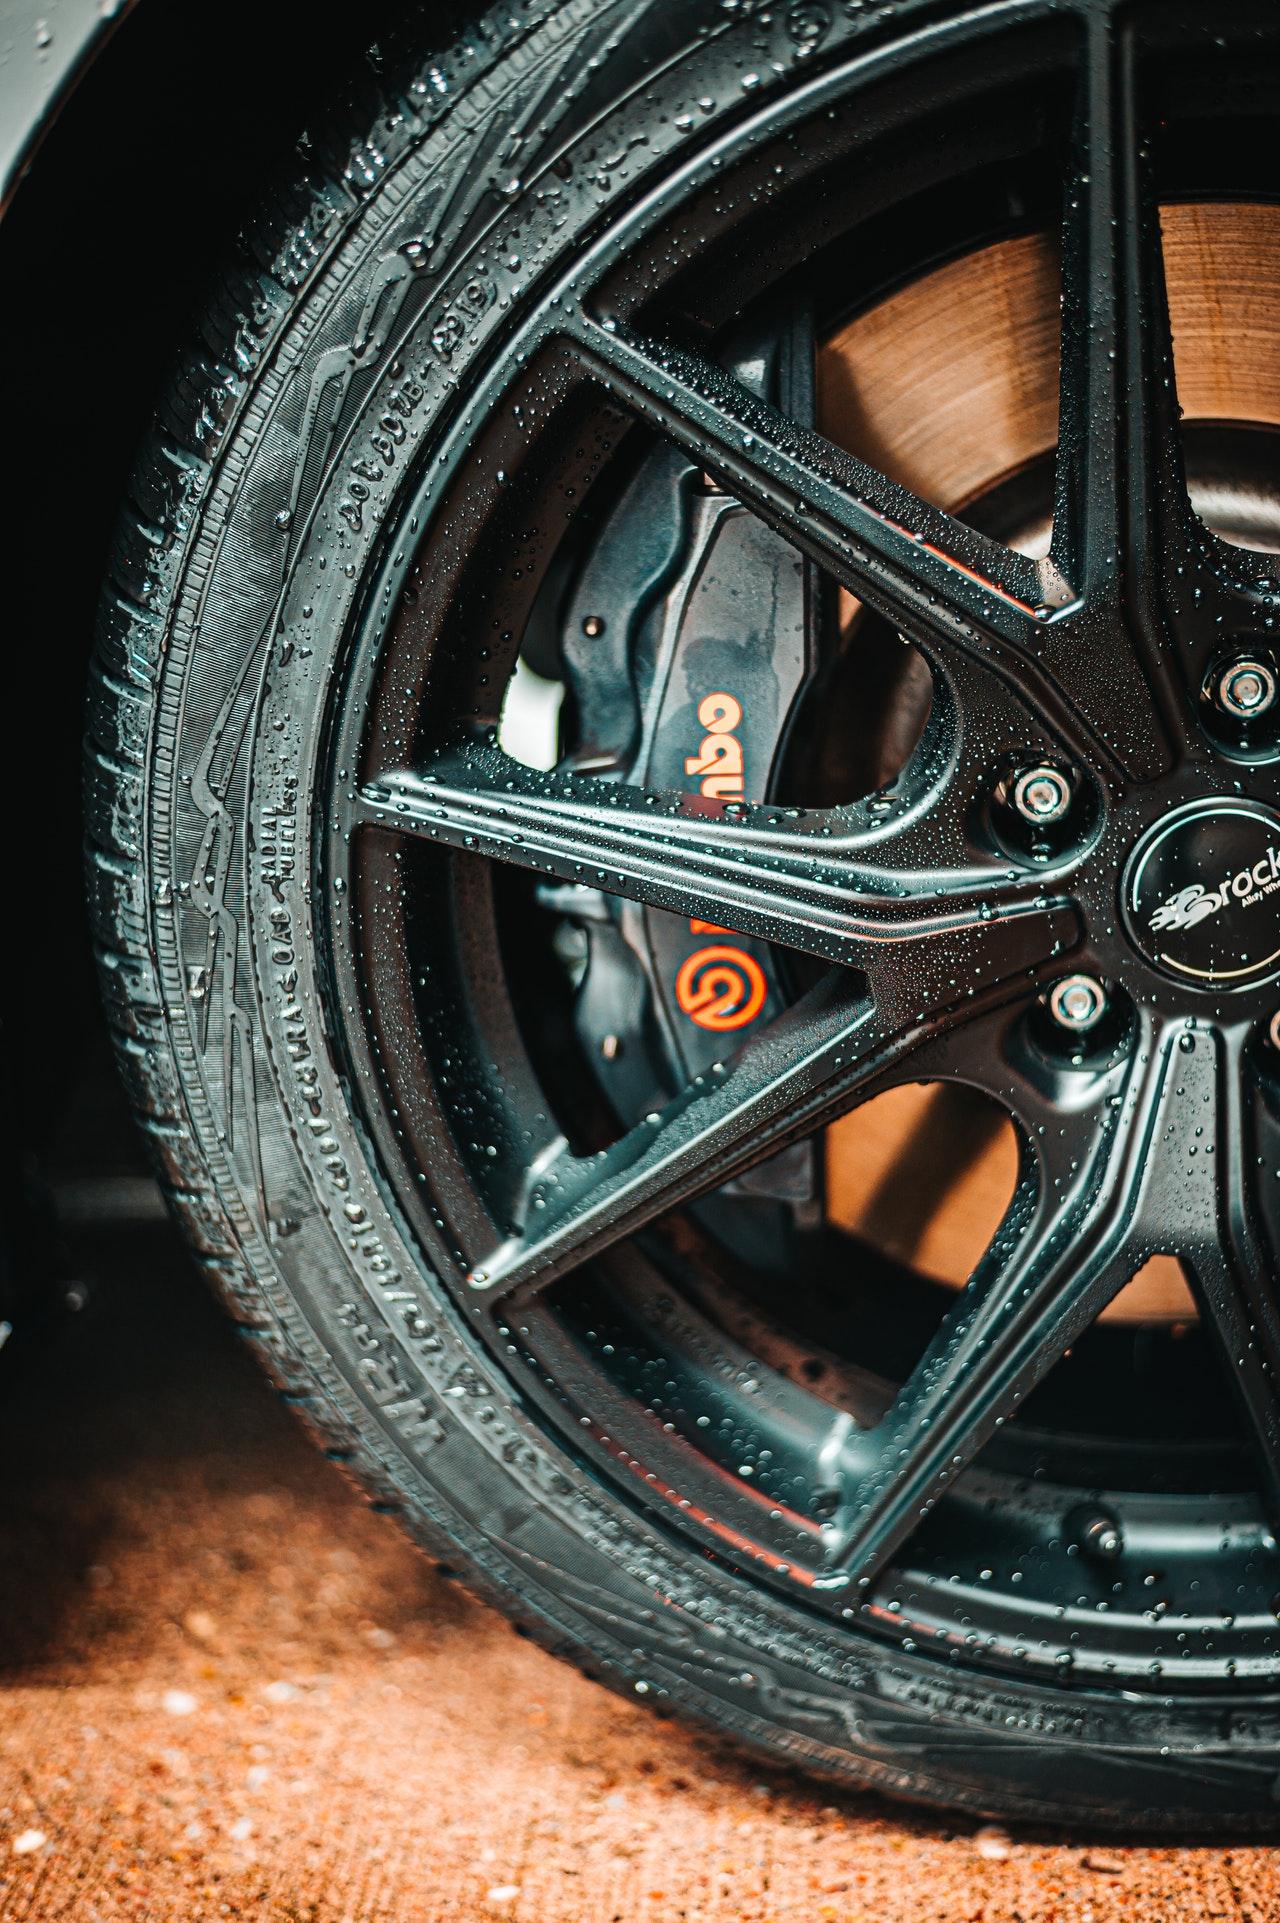 รถของคุณถึงเวลาเปลี่ยนยางหรือยังนะ มาดูวิธีเช็กสภาพและเลือกยางที่เหมาะสมกัน